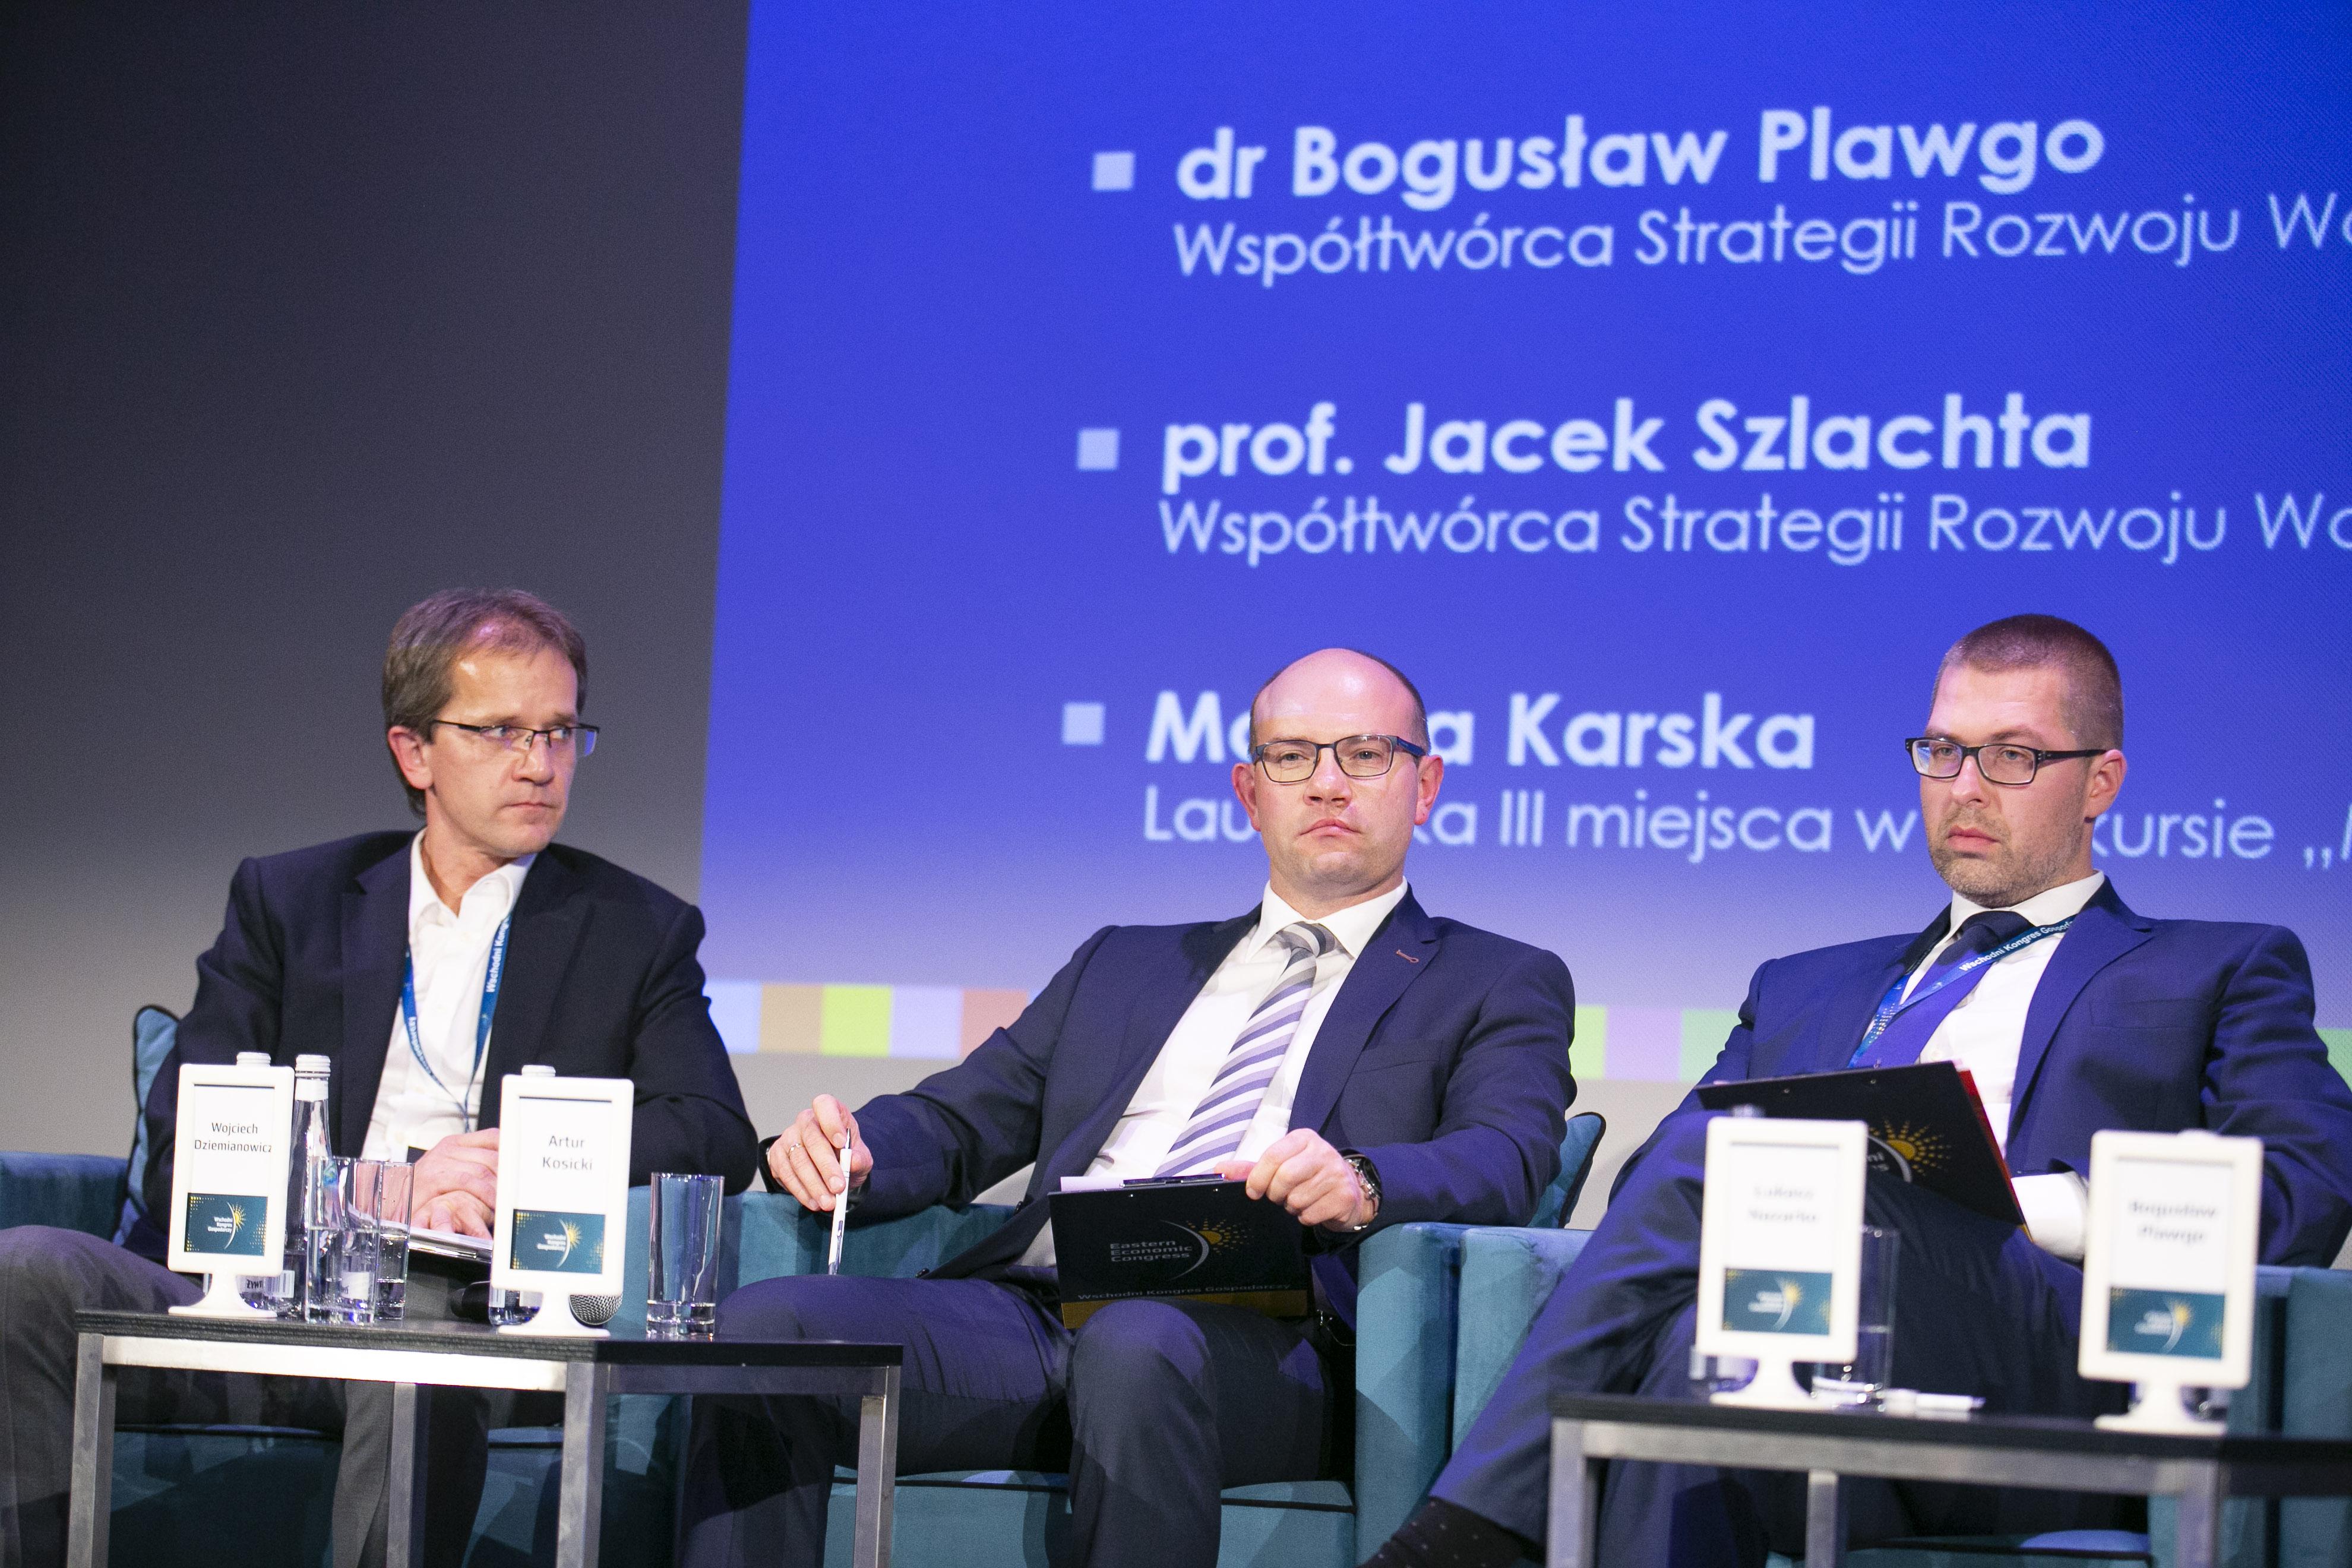 W środku Artur Kosicki, marszałek województwa podlaskiego. Fot. PTWP